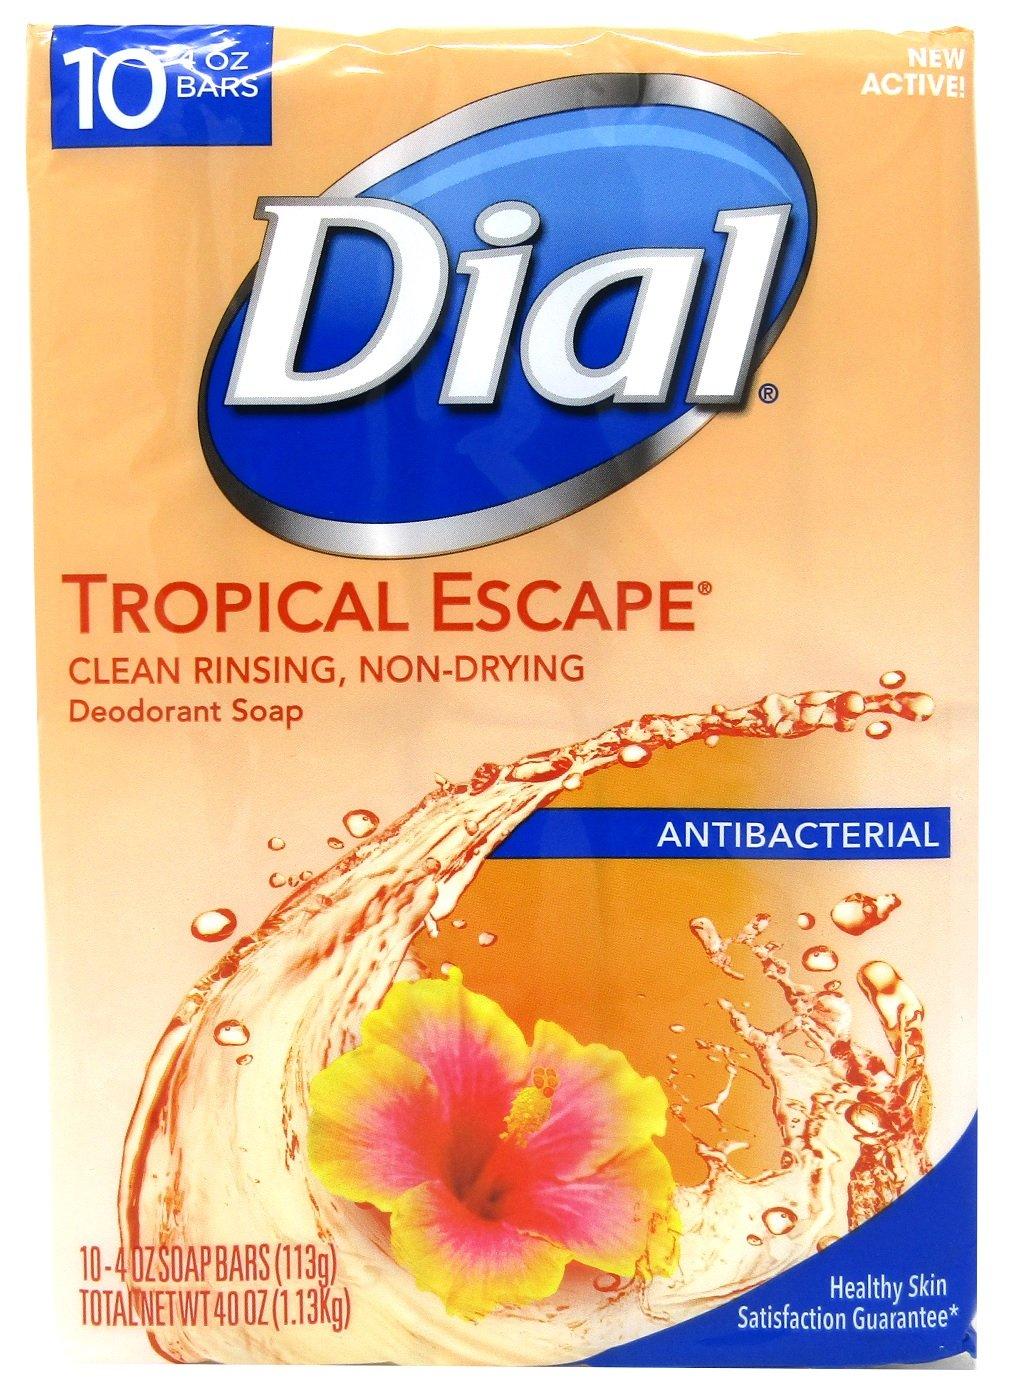 Dial Tropical Escape Antibacterial Deodorant Bar Soap, 4 oz, 10 count